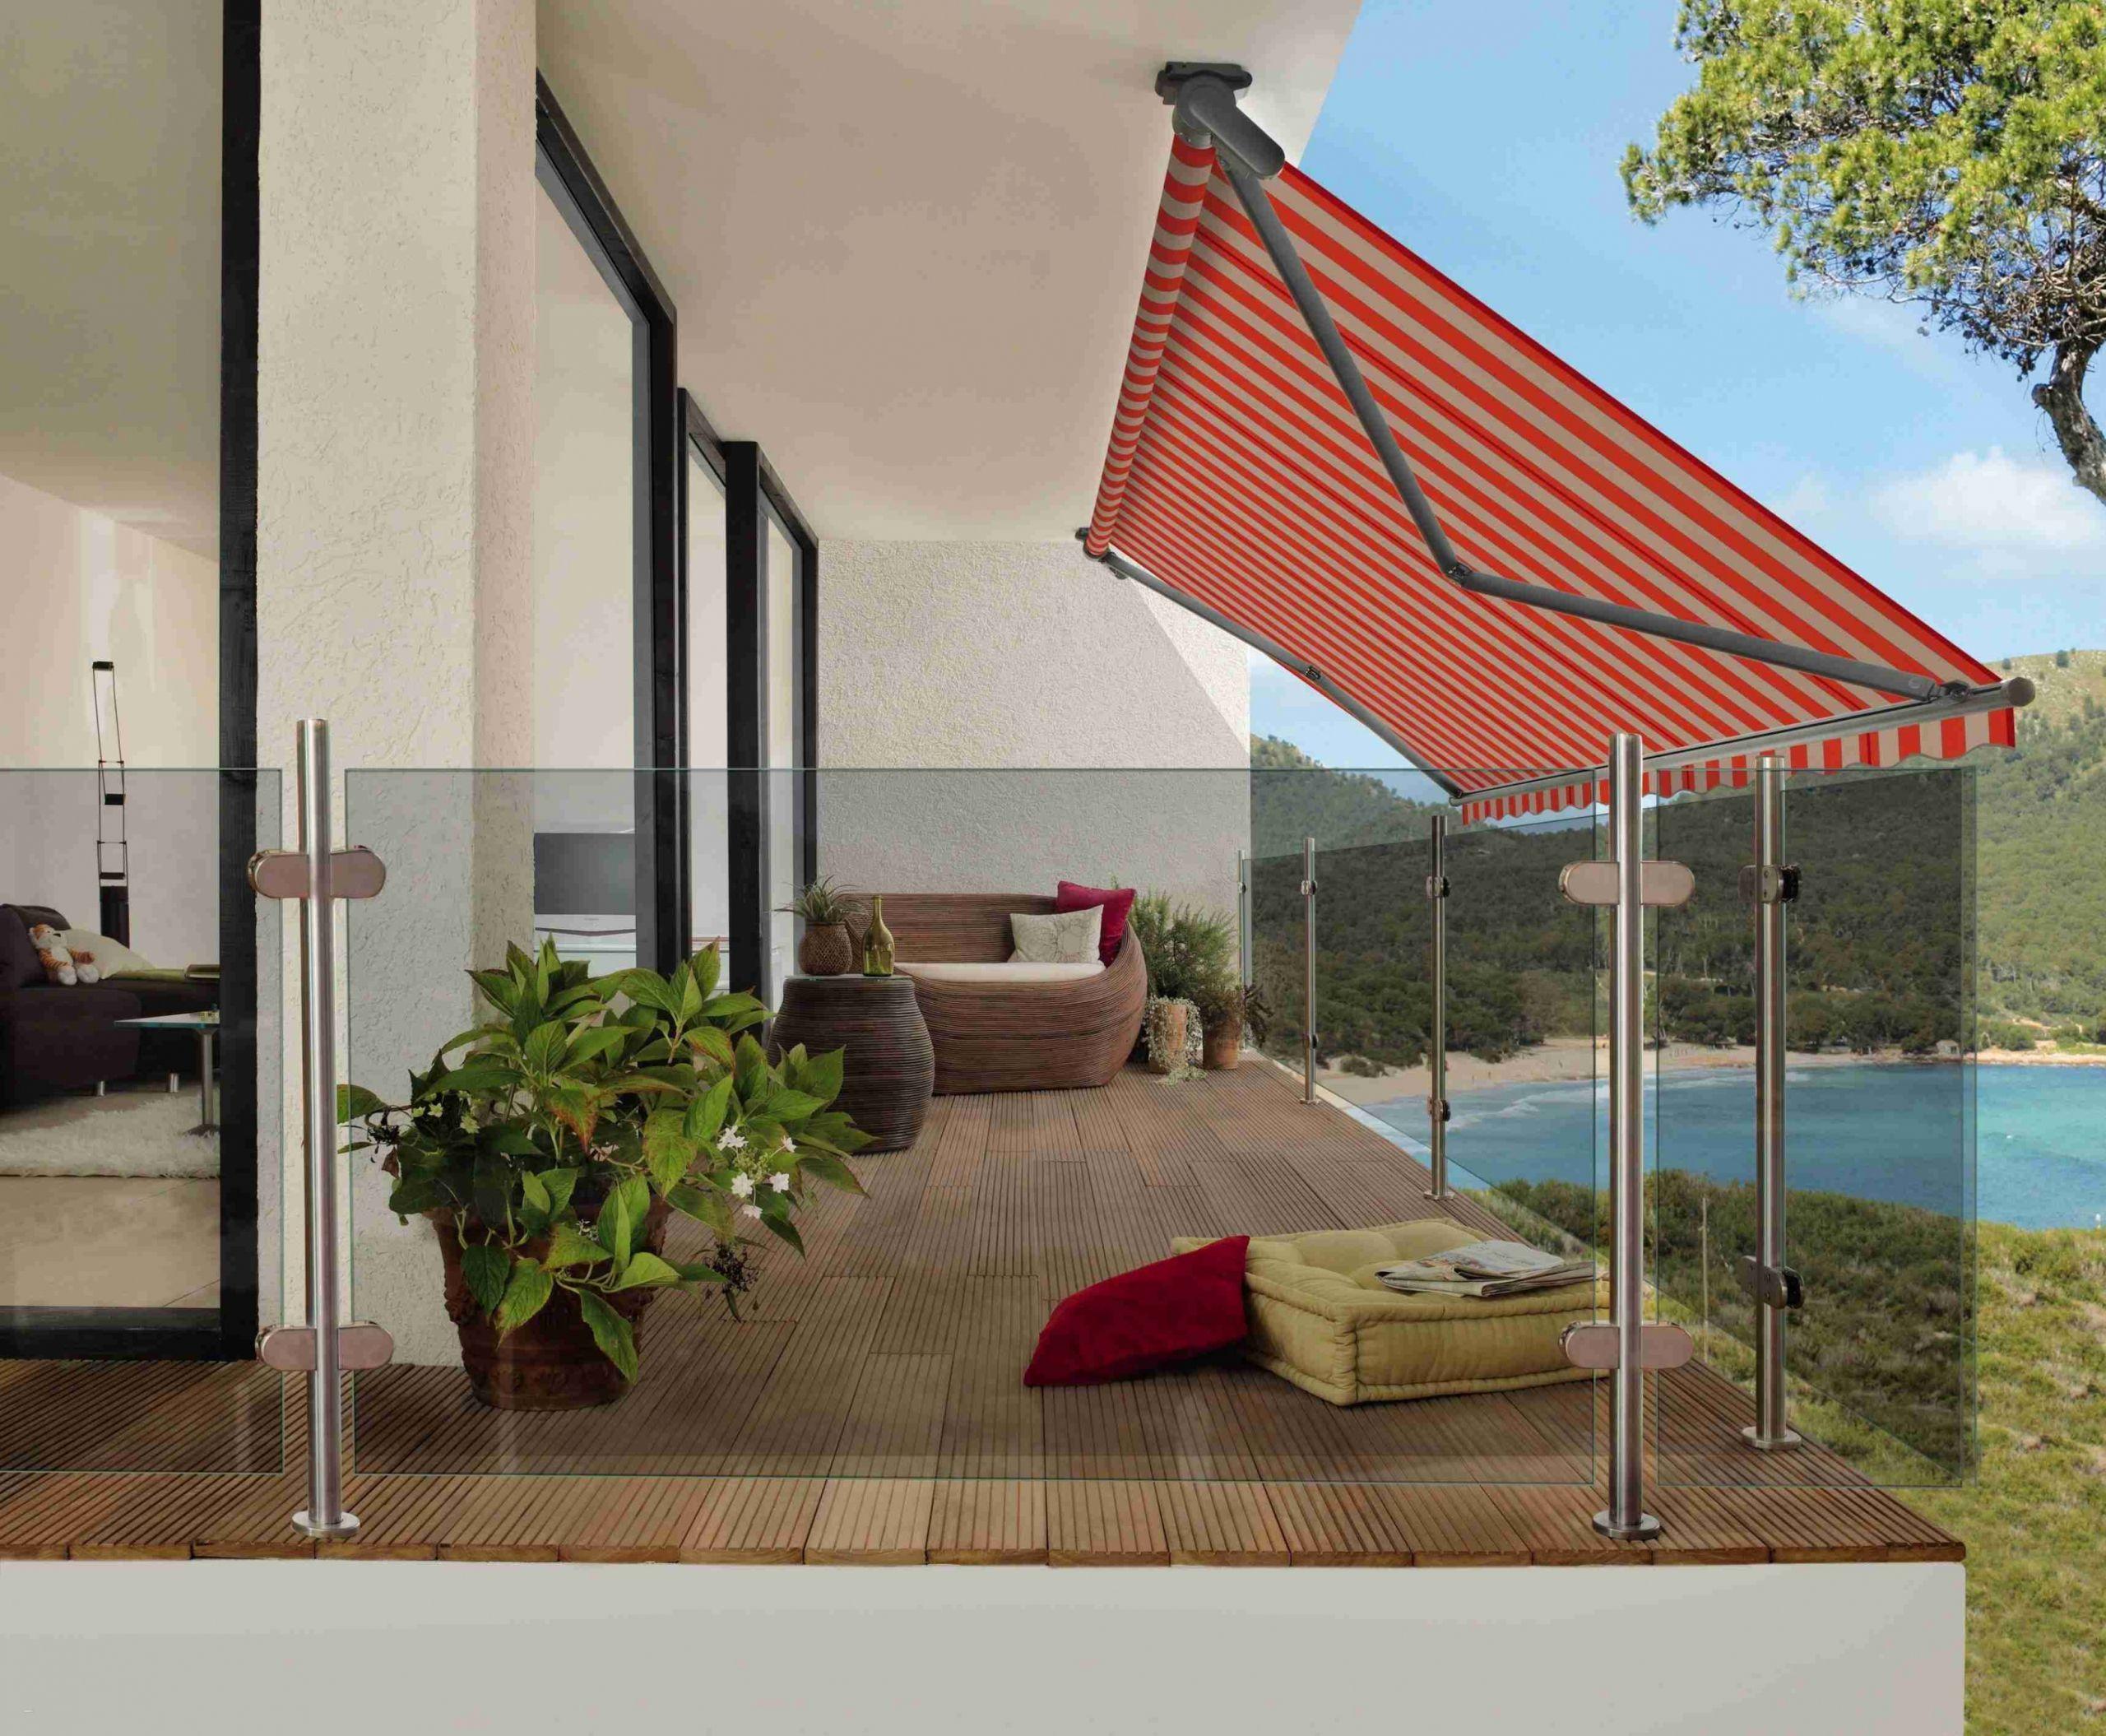 Balkon Gestalten Ideen Inspirierend Kleine Balkone Gestalten — Temobardz Home Blog